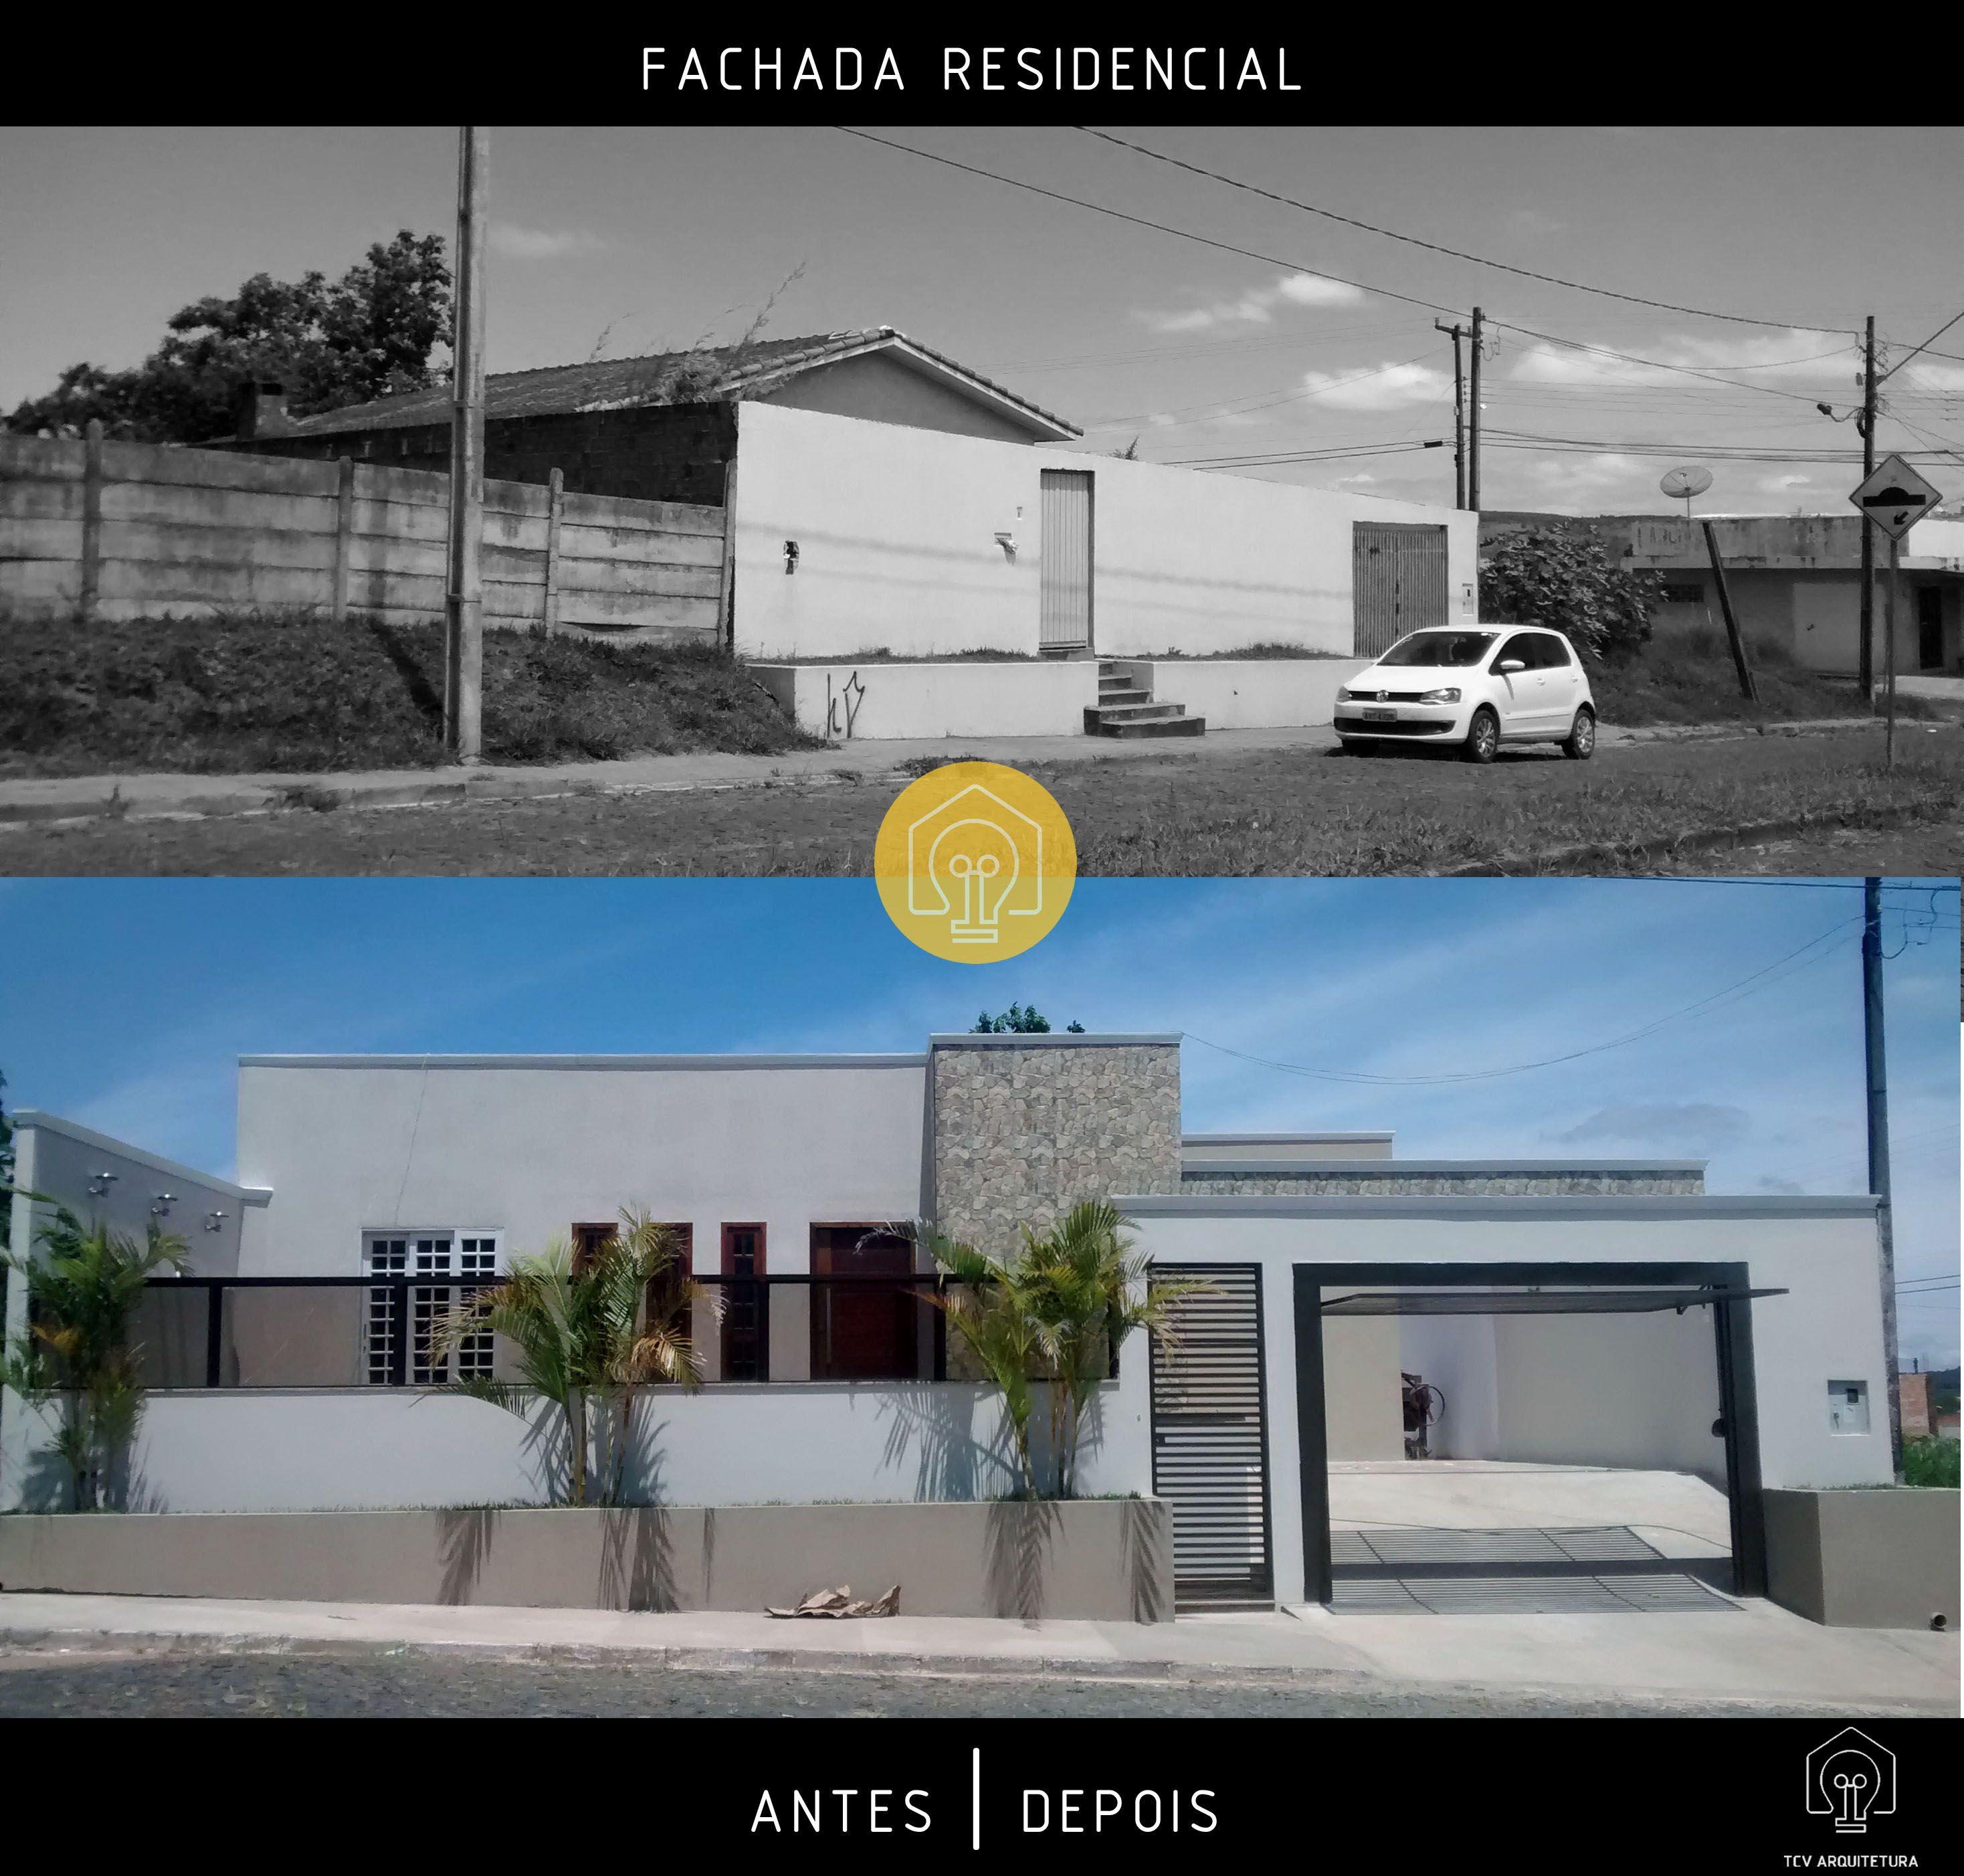 Fachada Residencial | Antes e Depois